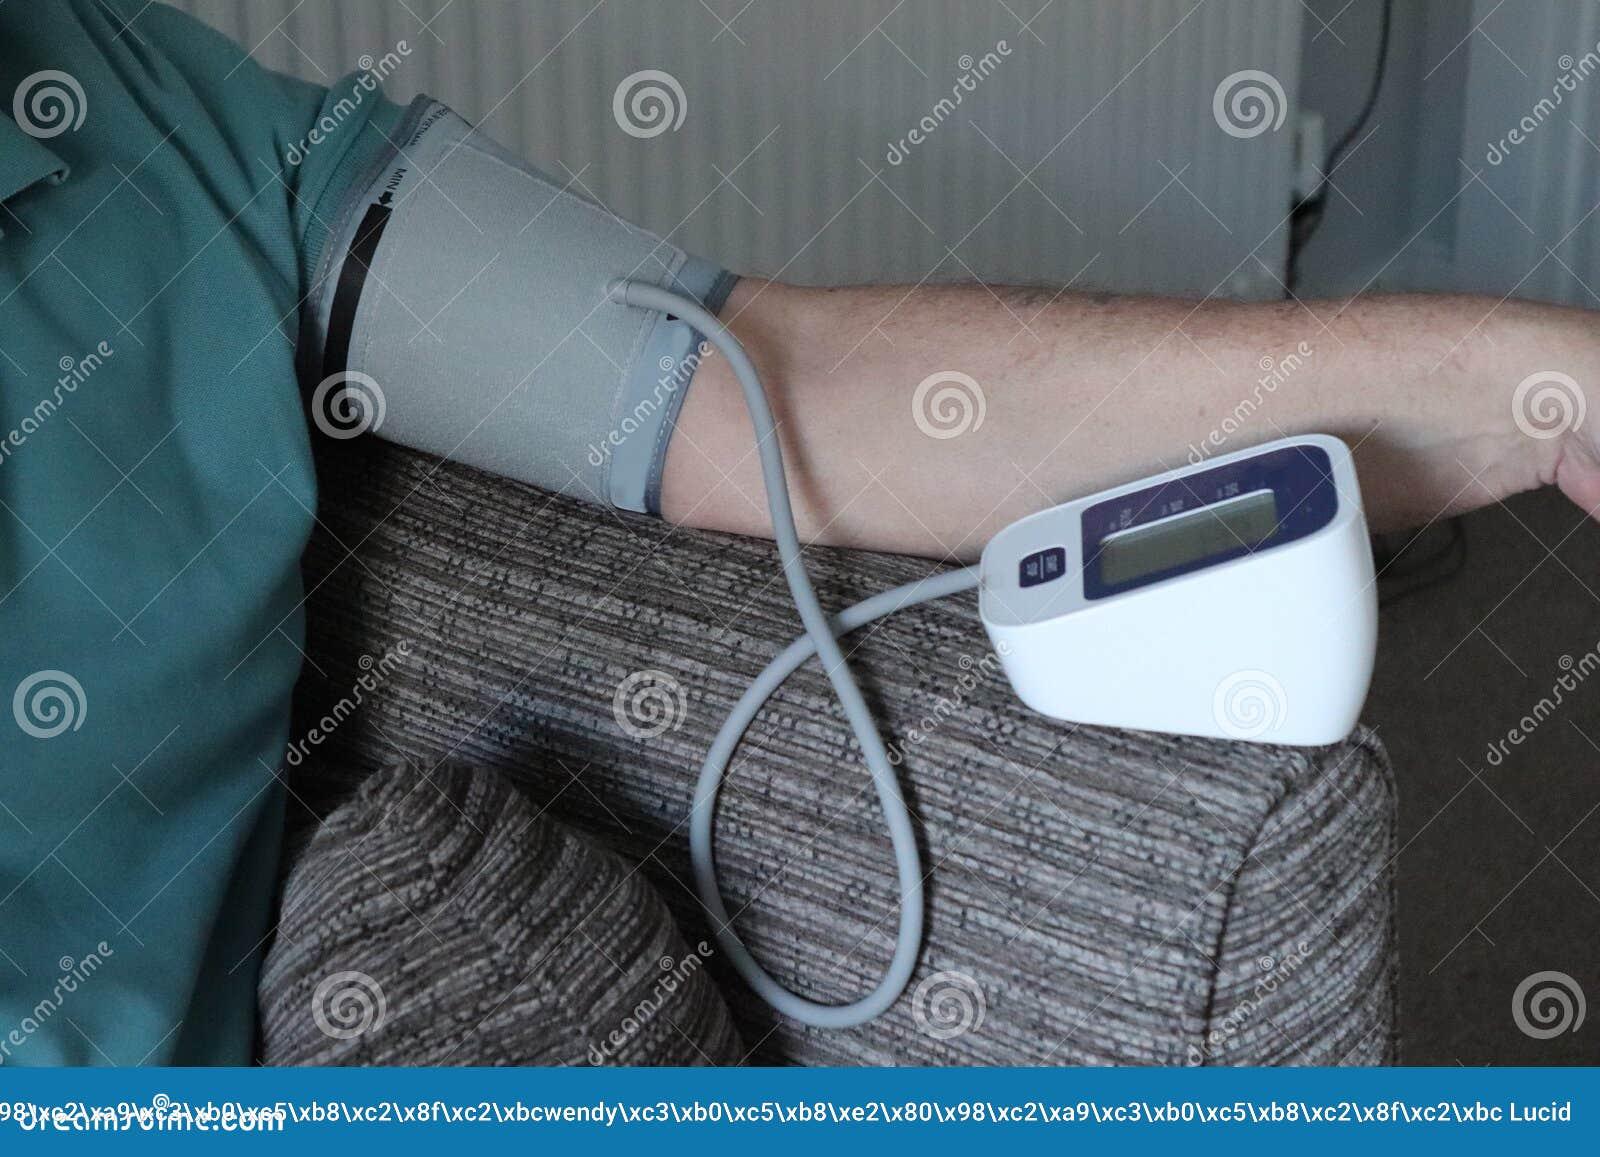 Bras et machine adultes de tension artérielle dans la maison lecture record pour des médecins